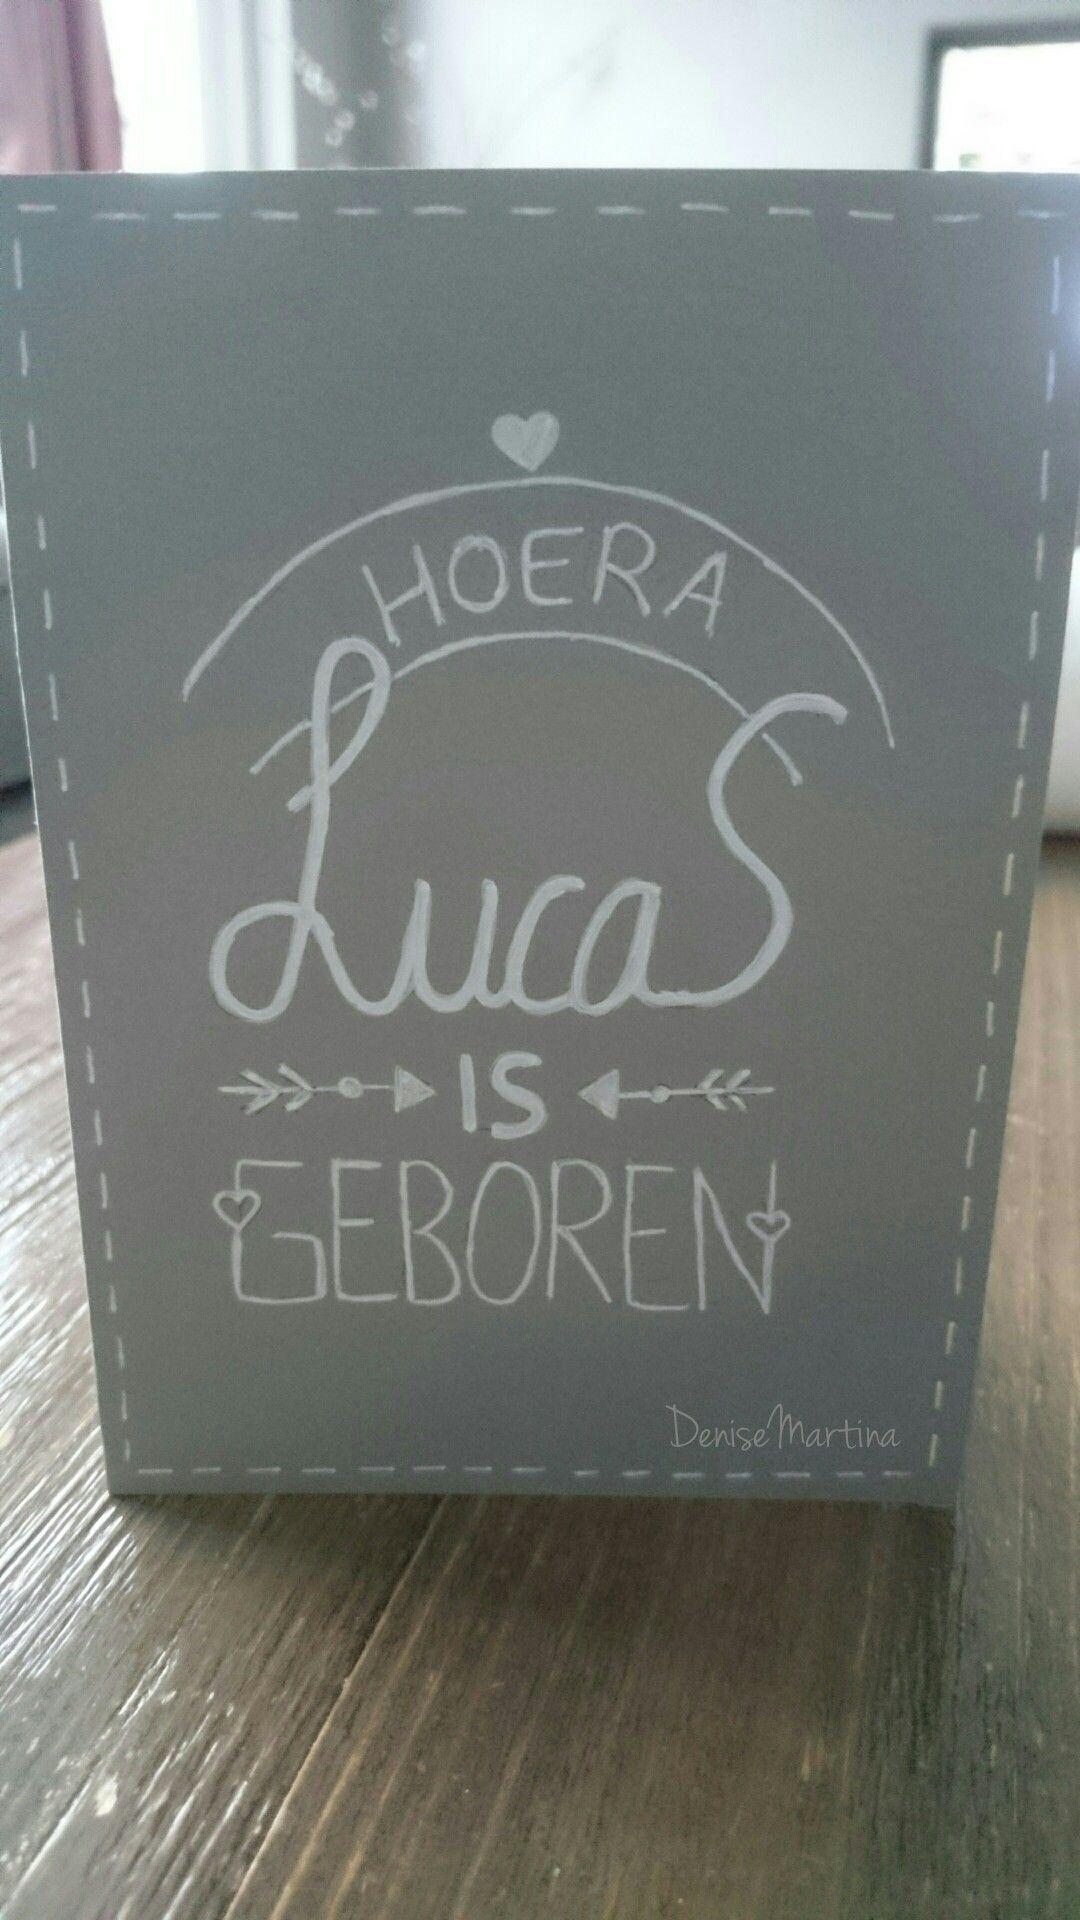 #geboortekaartje #handletteren #dutchhandlettering #DeniseMartina